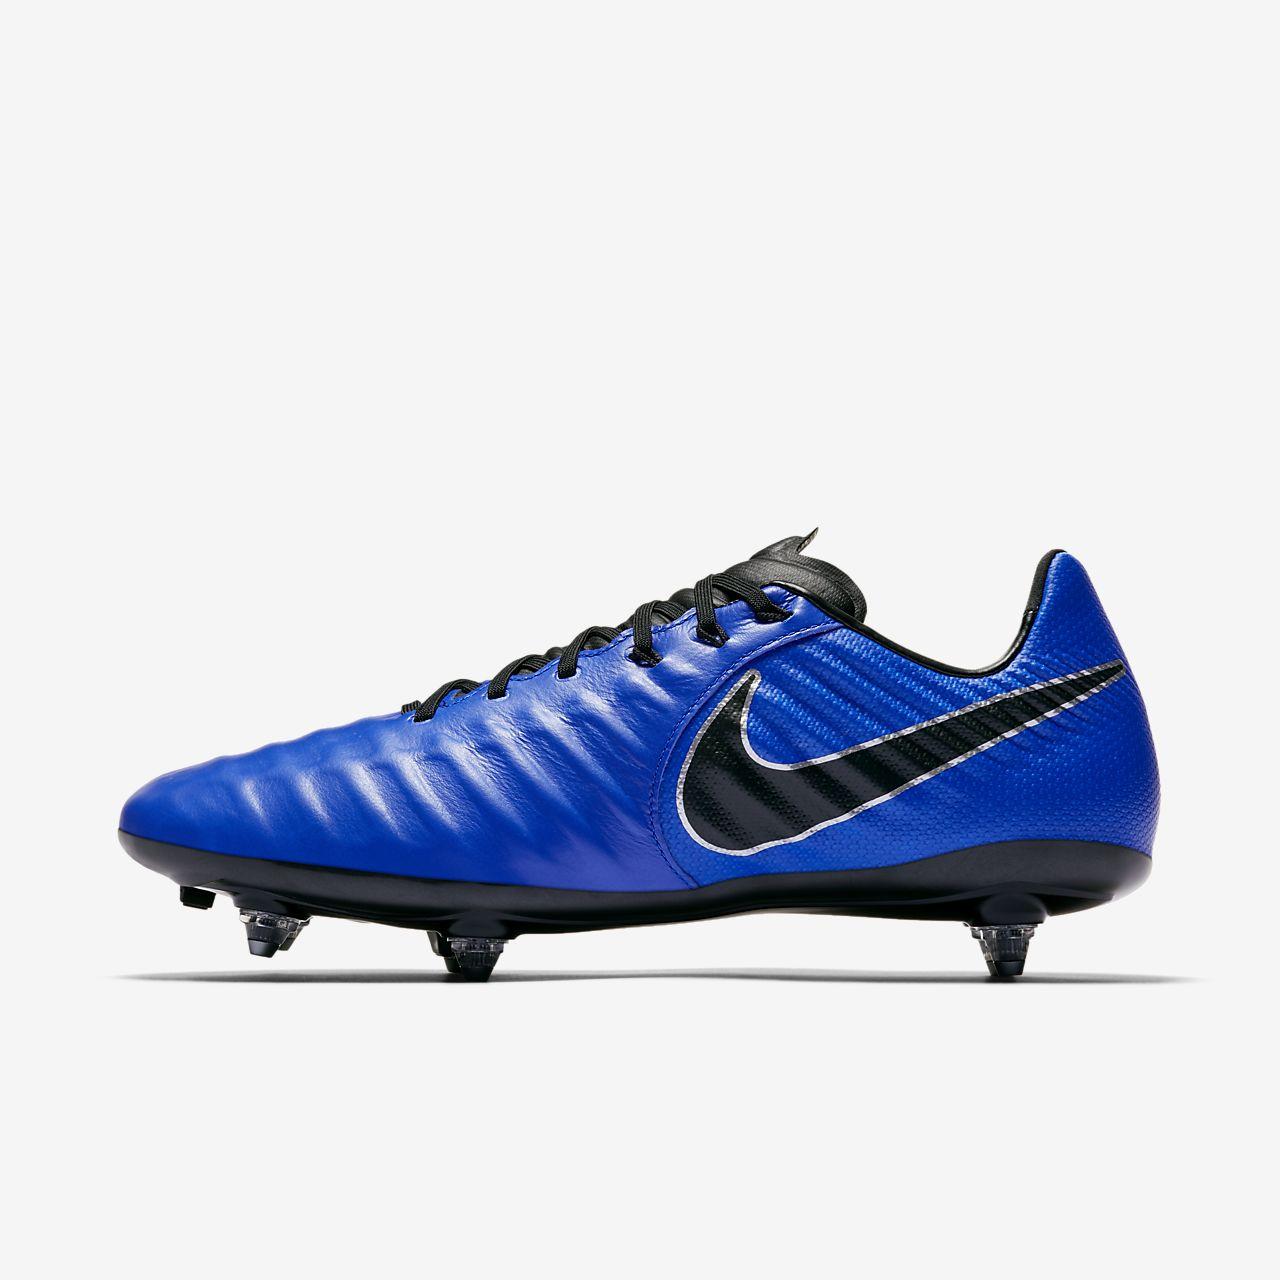 best website a0f0e 53bf3 ... Chaussure de football à crampons pour terrain gras Nike Tiempo Legend  VII Pro